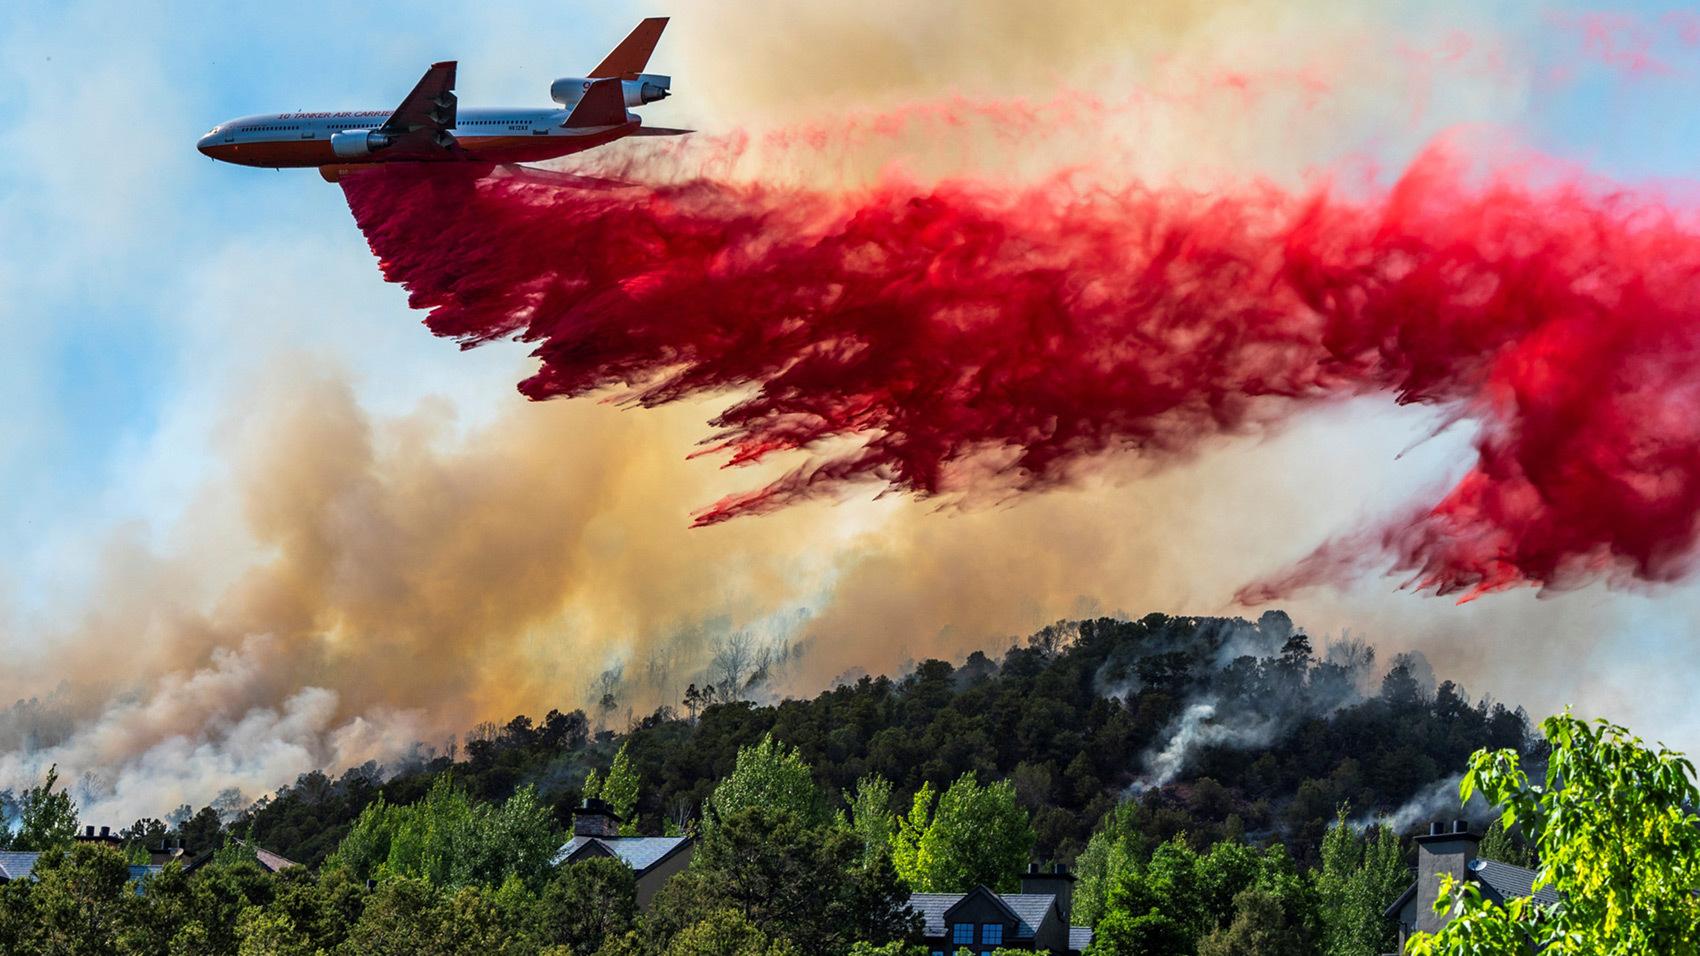 Lake Christine Fire Thumbnail Photo By Pete Mc Bride